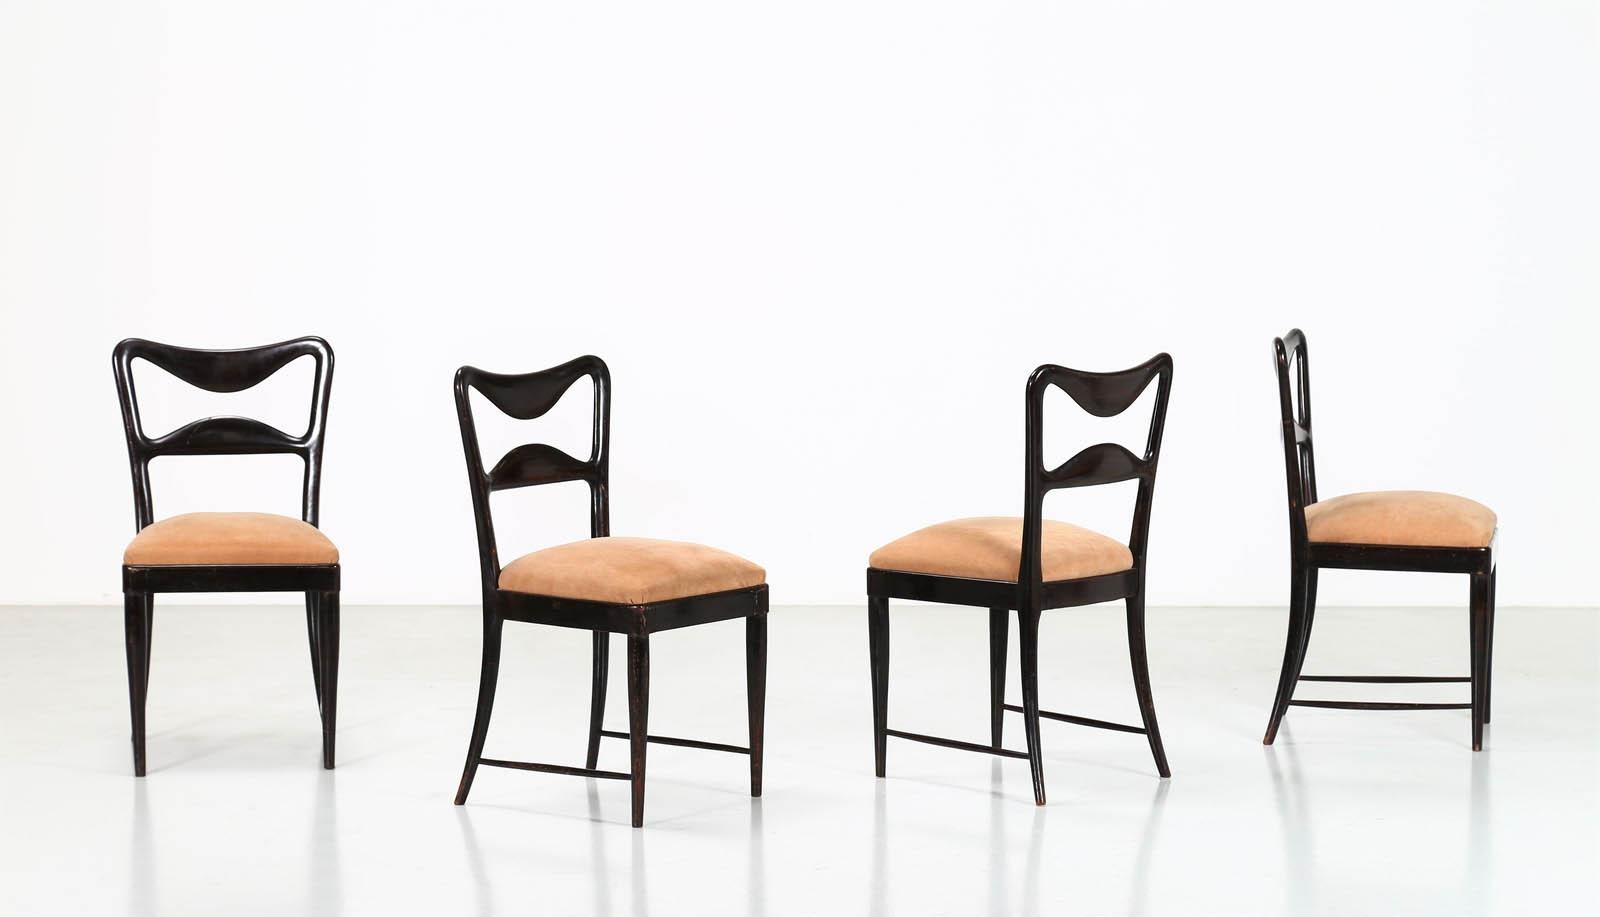 Sedie In Legno Anni 50.Osvaldo Borsani Quattro Sedie In Legno E Tessuto Anni 50 Asta